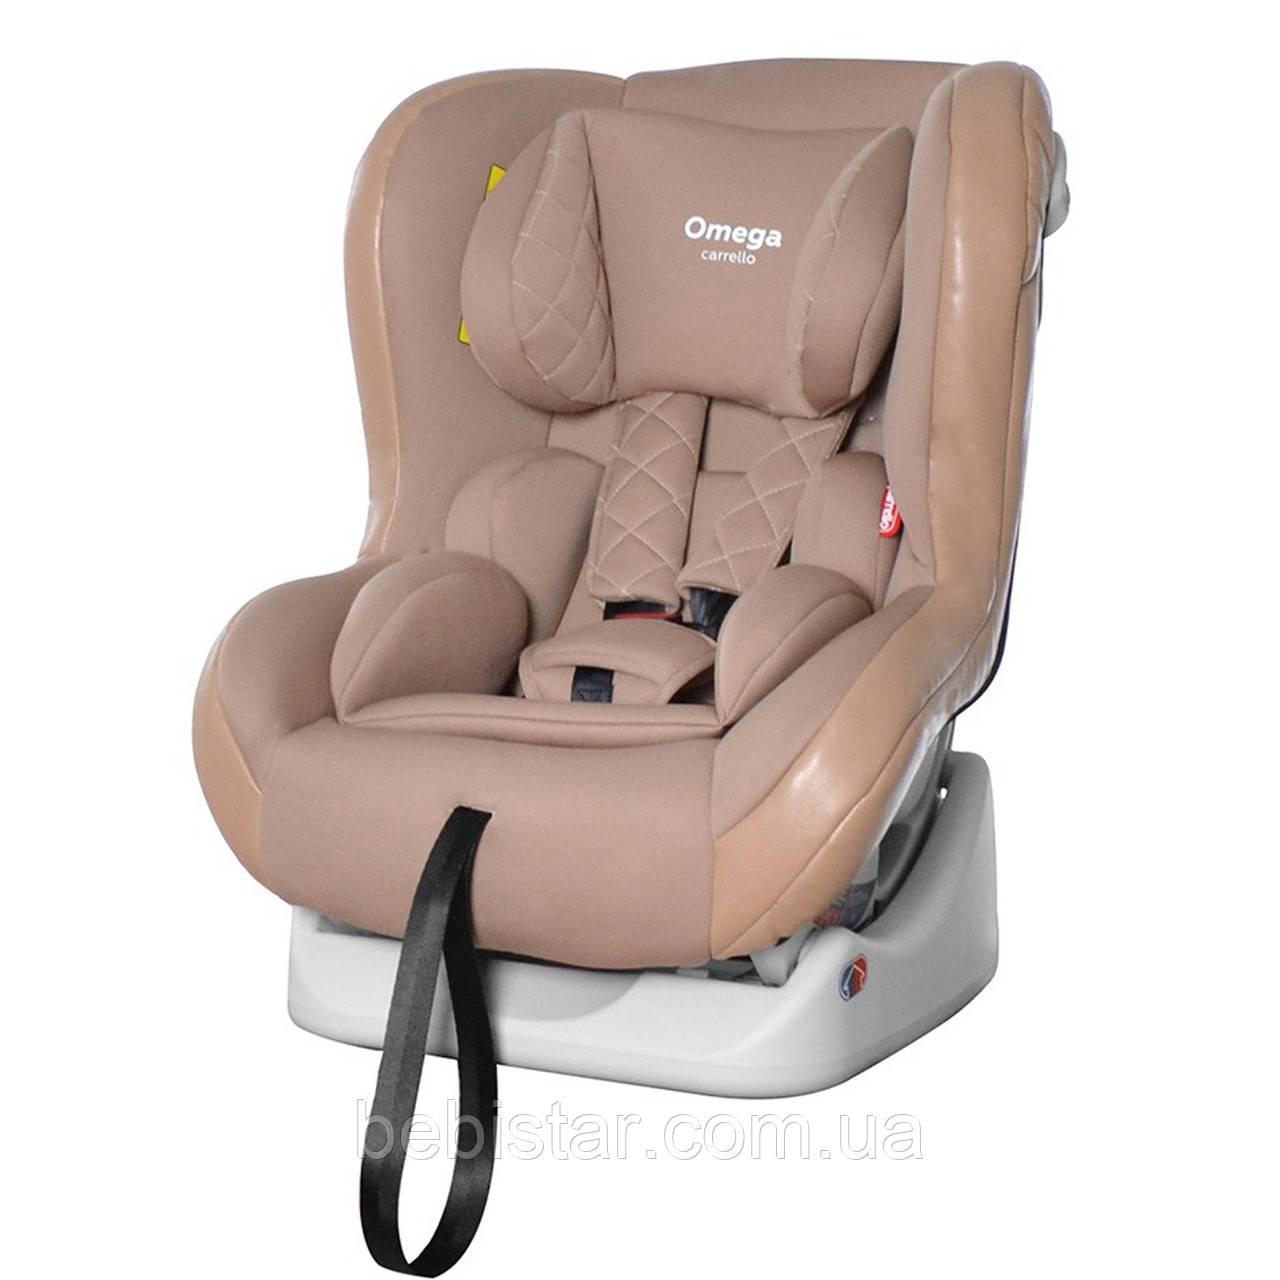 Автокресло детское с рождения до 4 лет (0-18кг) бежевое с наклоном для сна Carrello Omega CRL-11806 Beige Lion